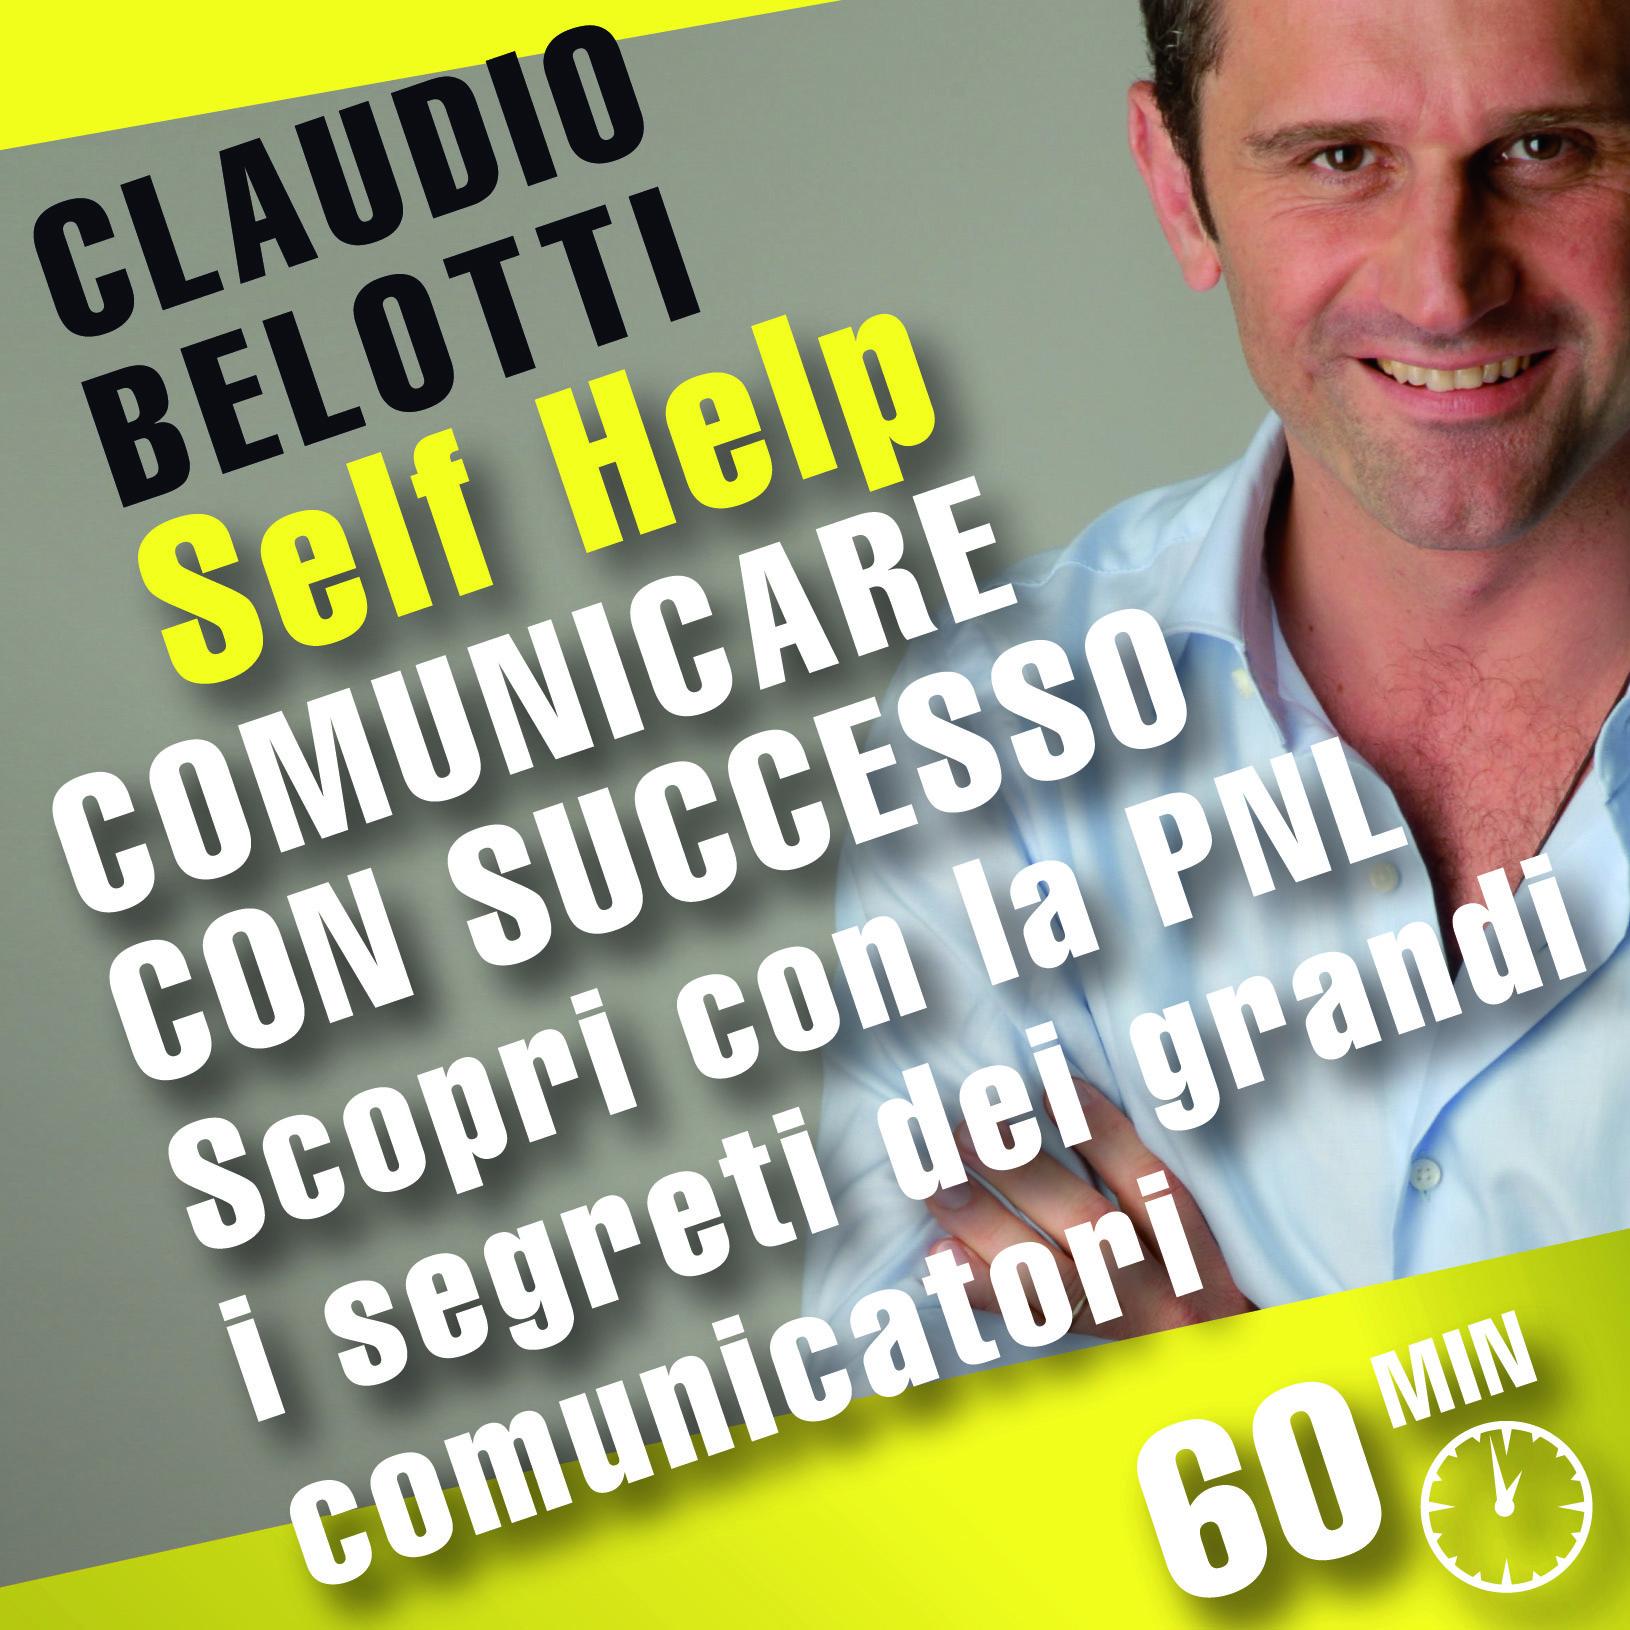 Comunicare con successo. -0